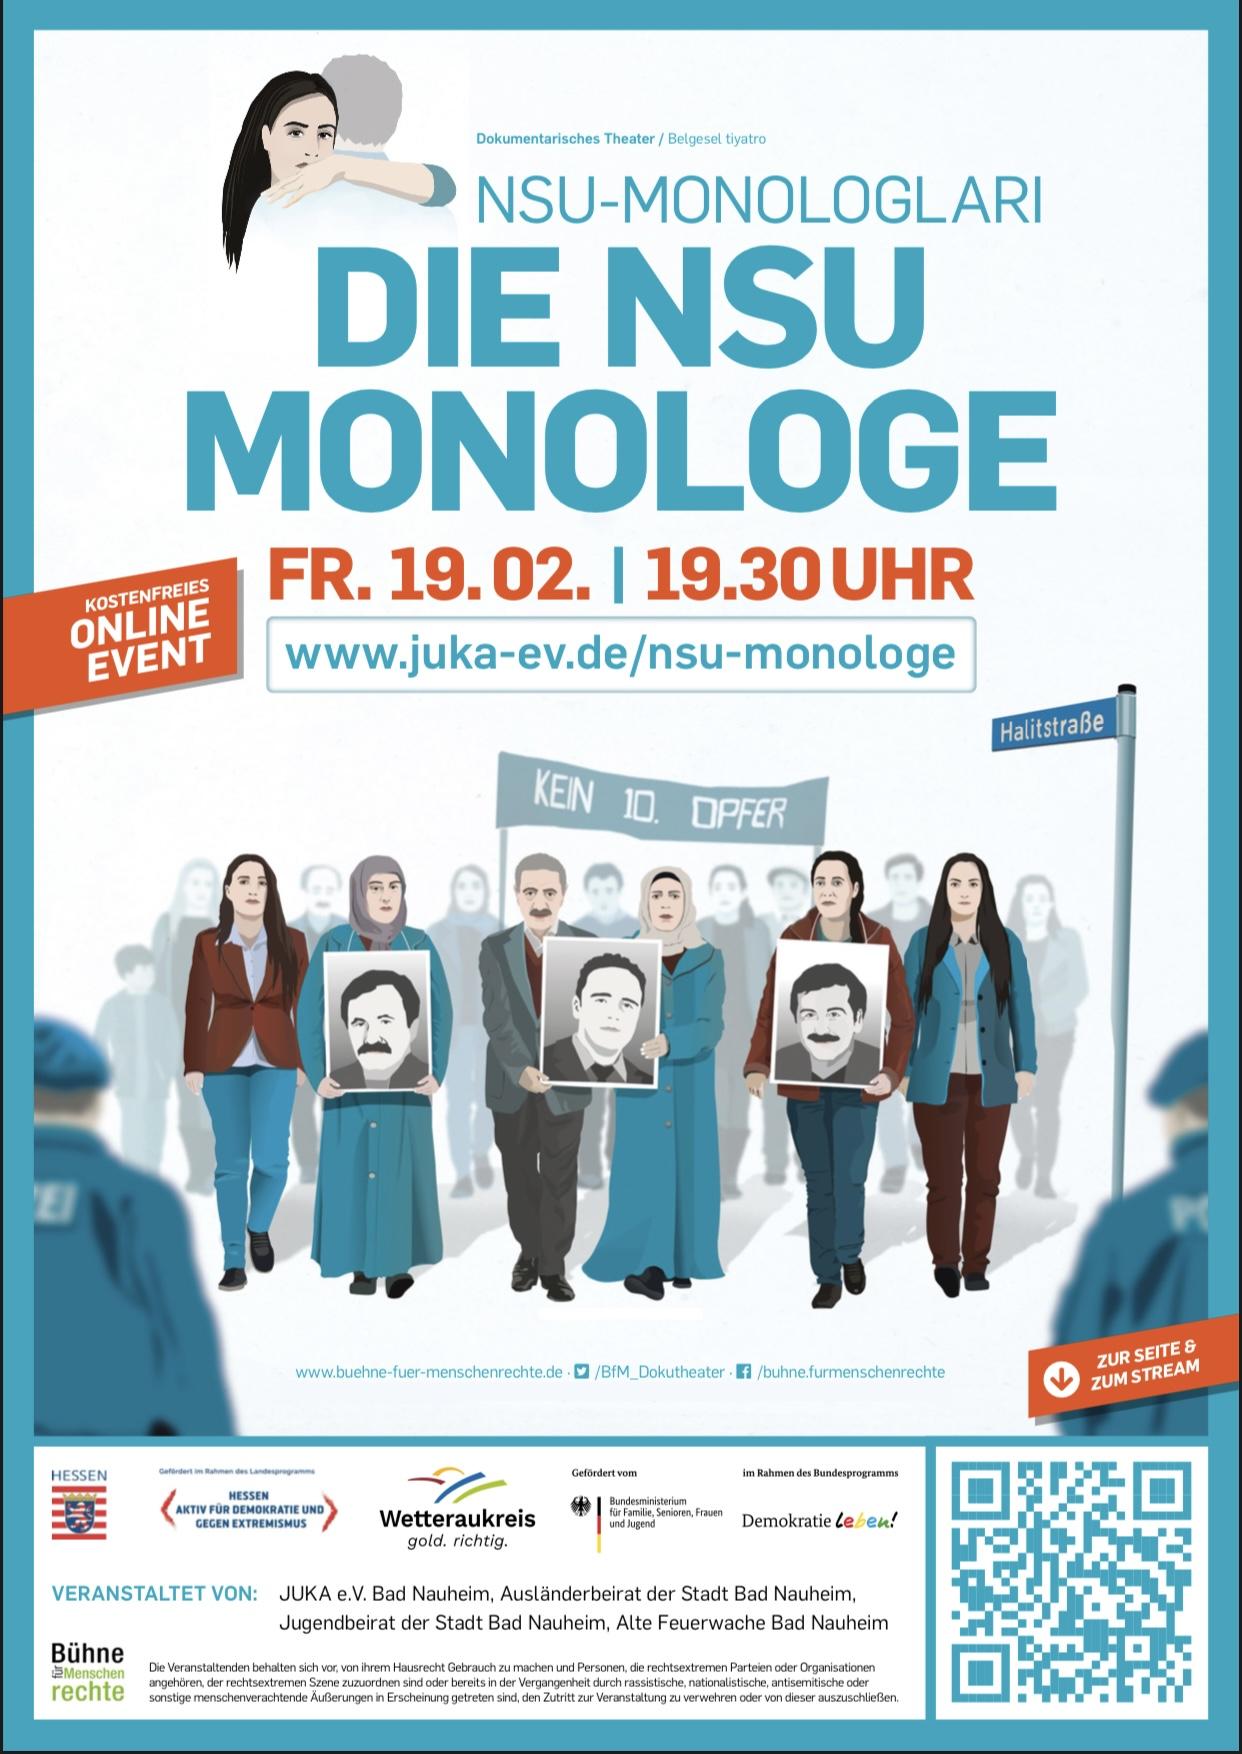 Flüchtlingshilfe München Ev Willkommen